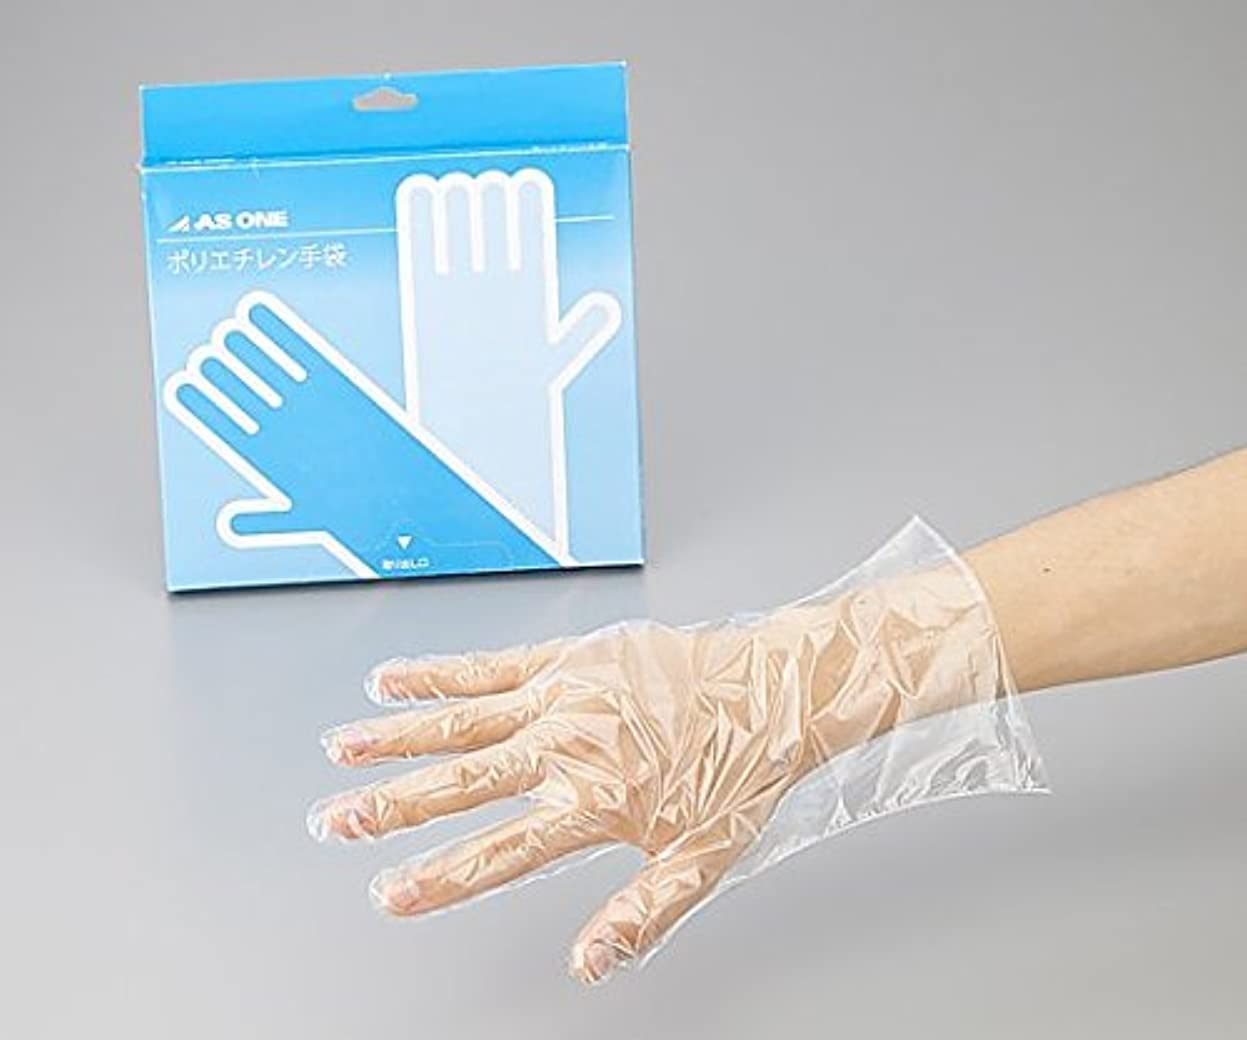 ブース不規則性カトリック教徒アズワン2-4973-02ポリエチレン手袋スタンダード標準厚M100枚入